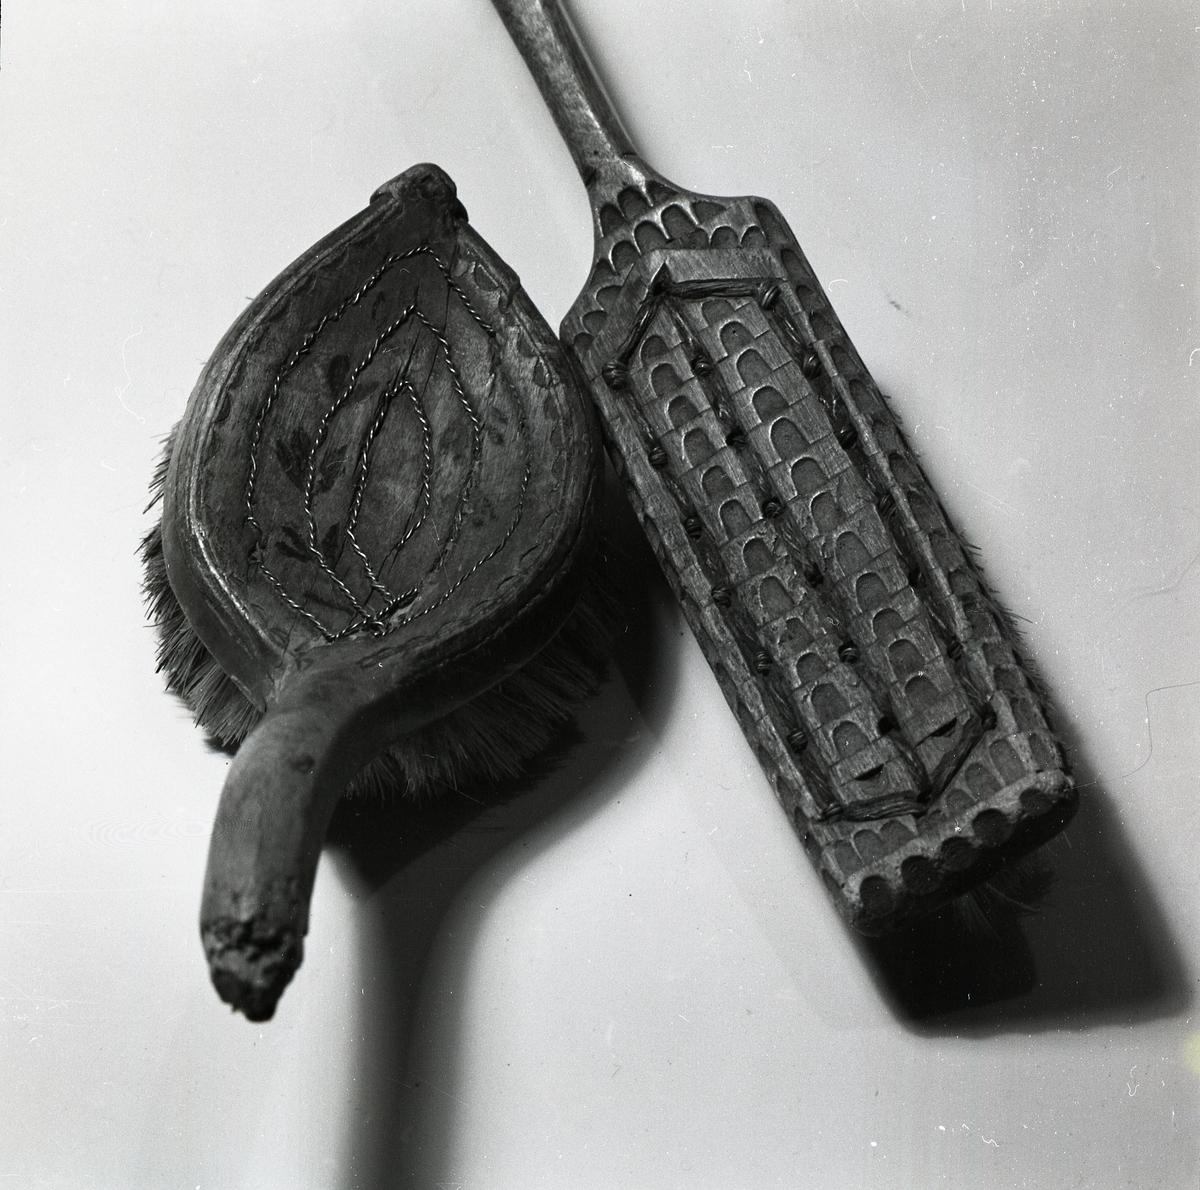 Två borstar med dekorativa målningar och sniderier på trähandtaget. På träet är trådarna som fäster borsten synliga.